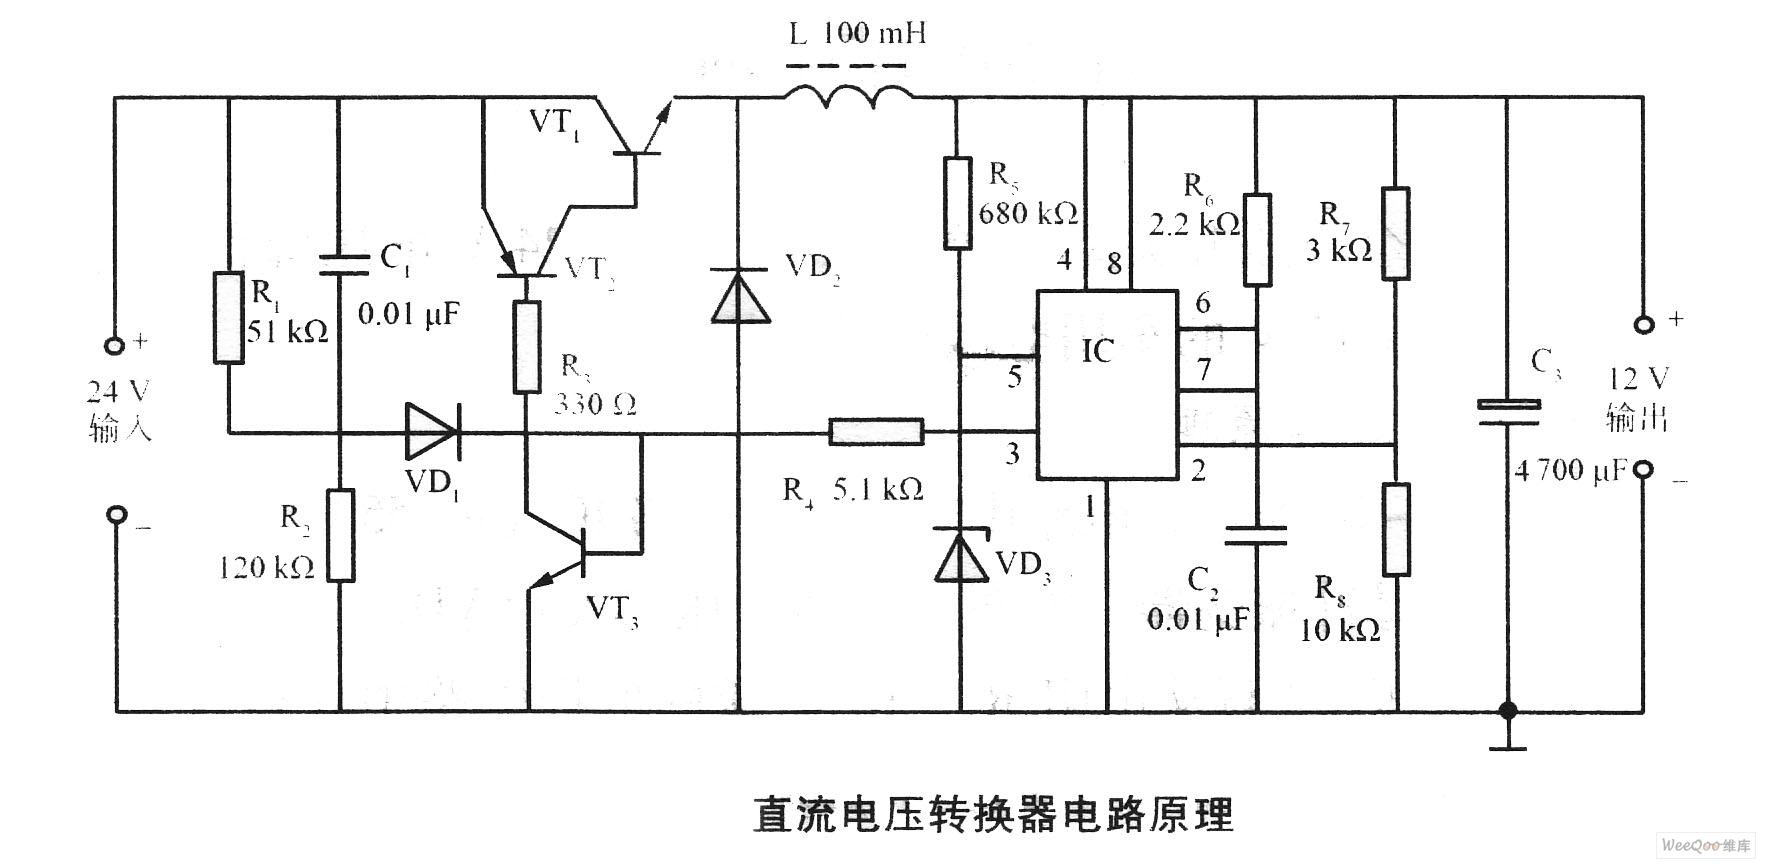 【图】直流电压转换器电路原理图电源电路